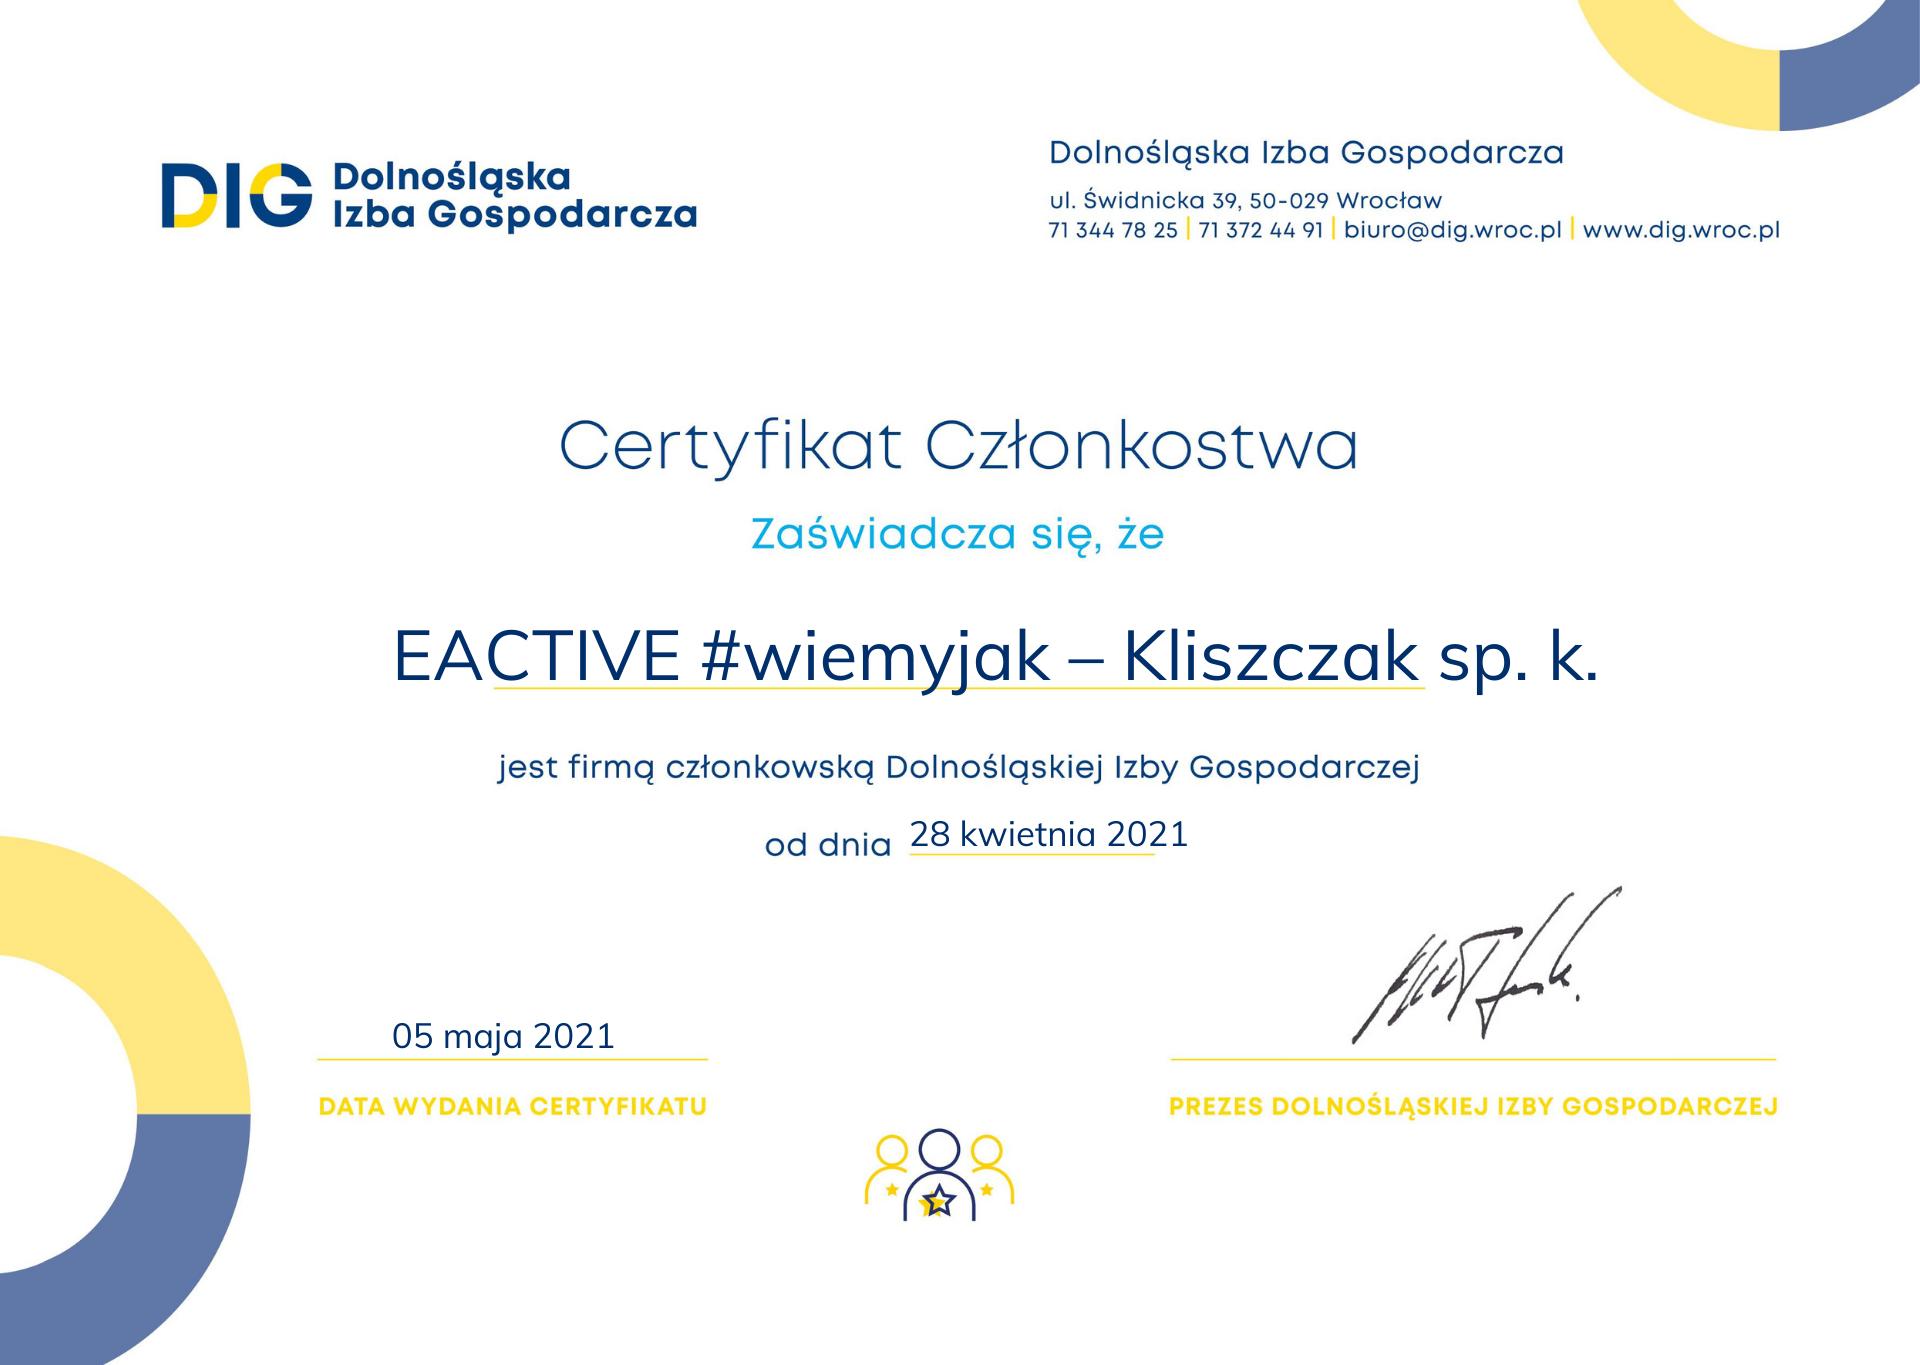 Certyfikat członkostwo EACTIVE w Dolnośląskiej Izbie Gospodarczej